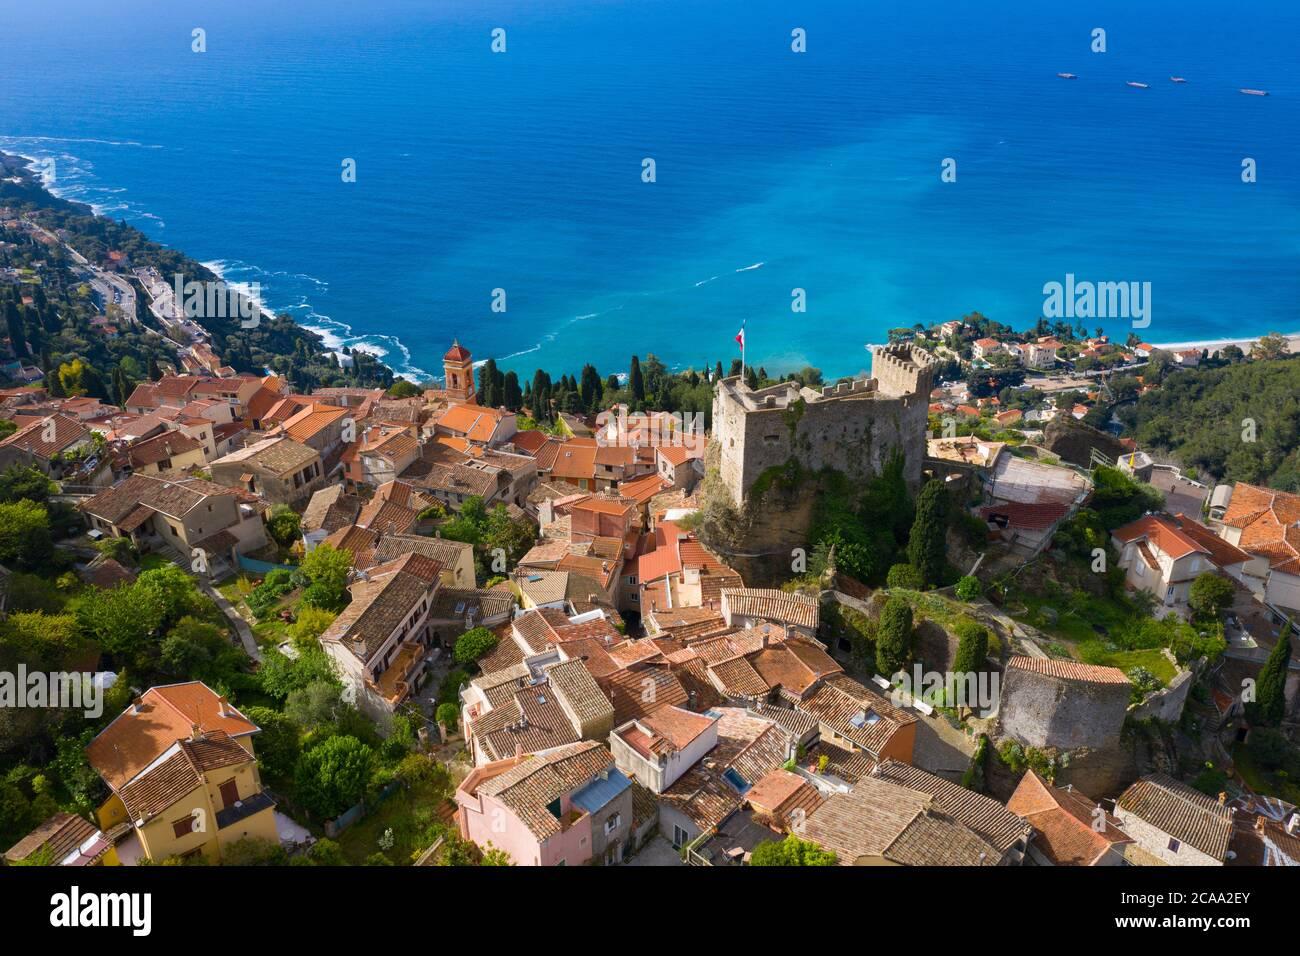 Francia, Nizza, veduta aerea del villaggio collinare di Roquebrune Cap Martin. Foto Stock